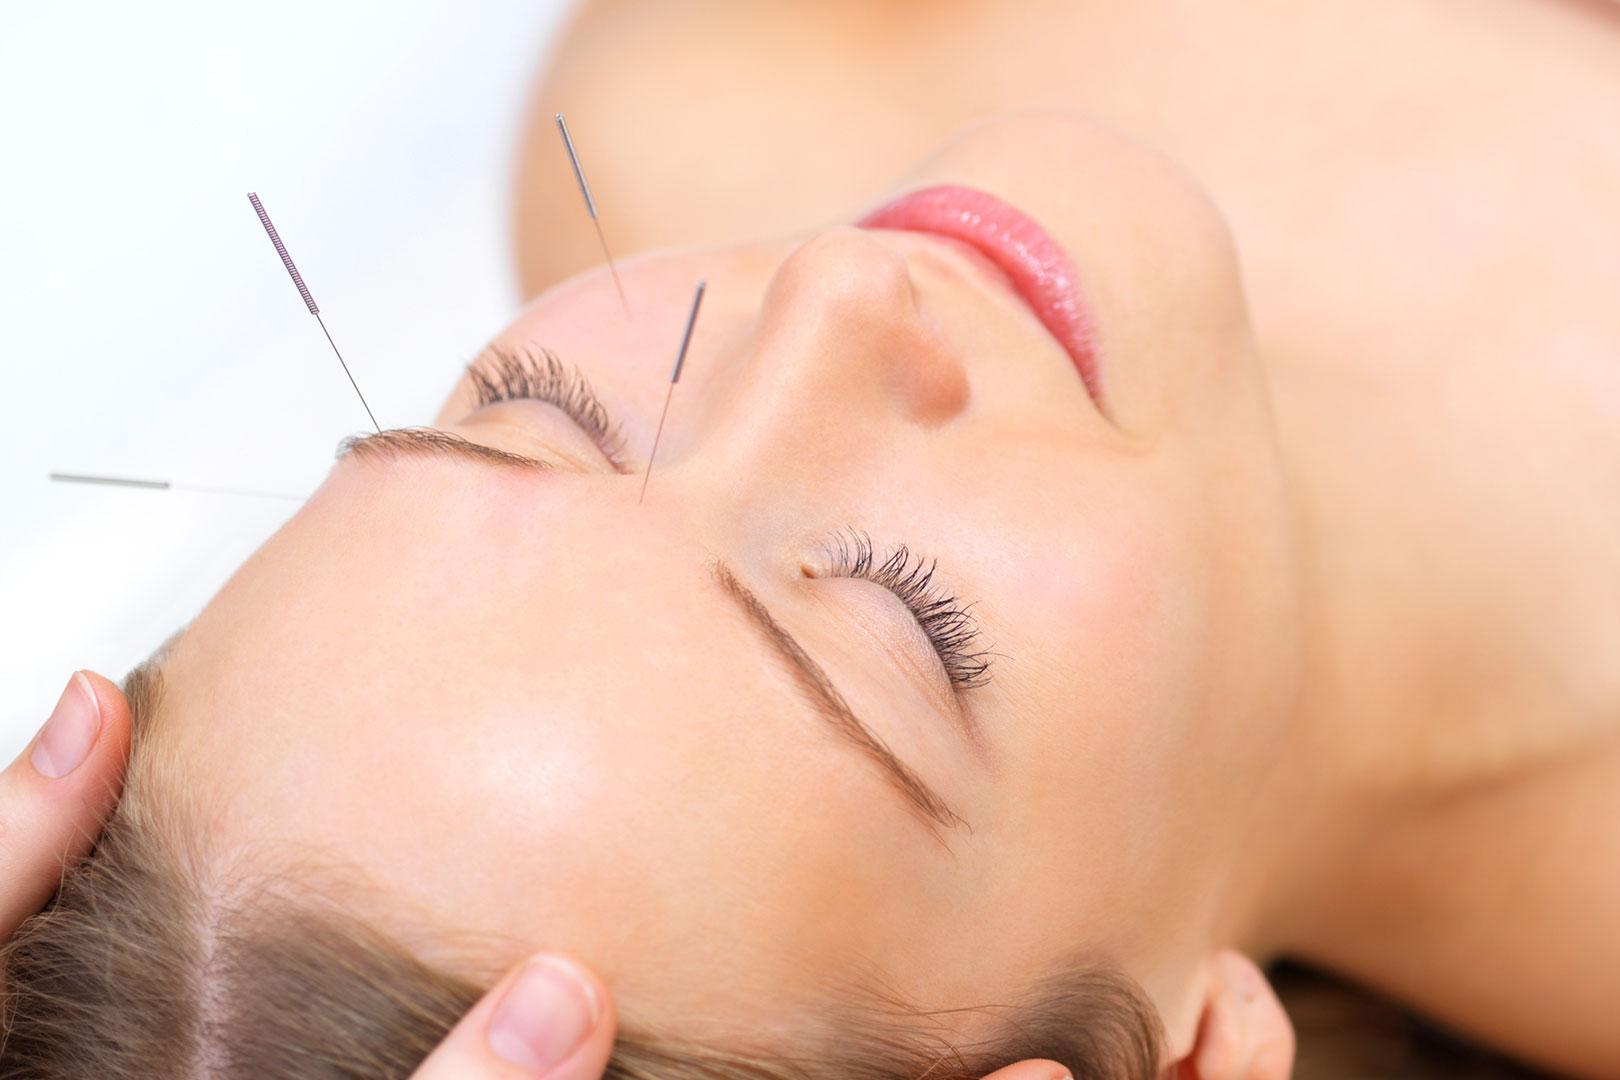 Soins prodigués par un acupuncteur